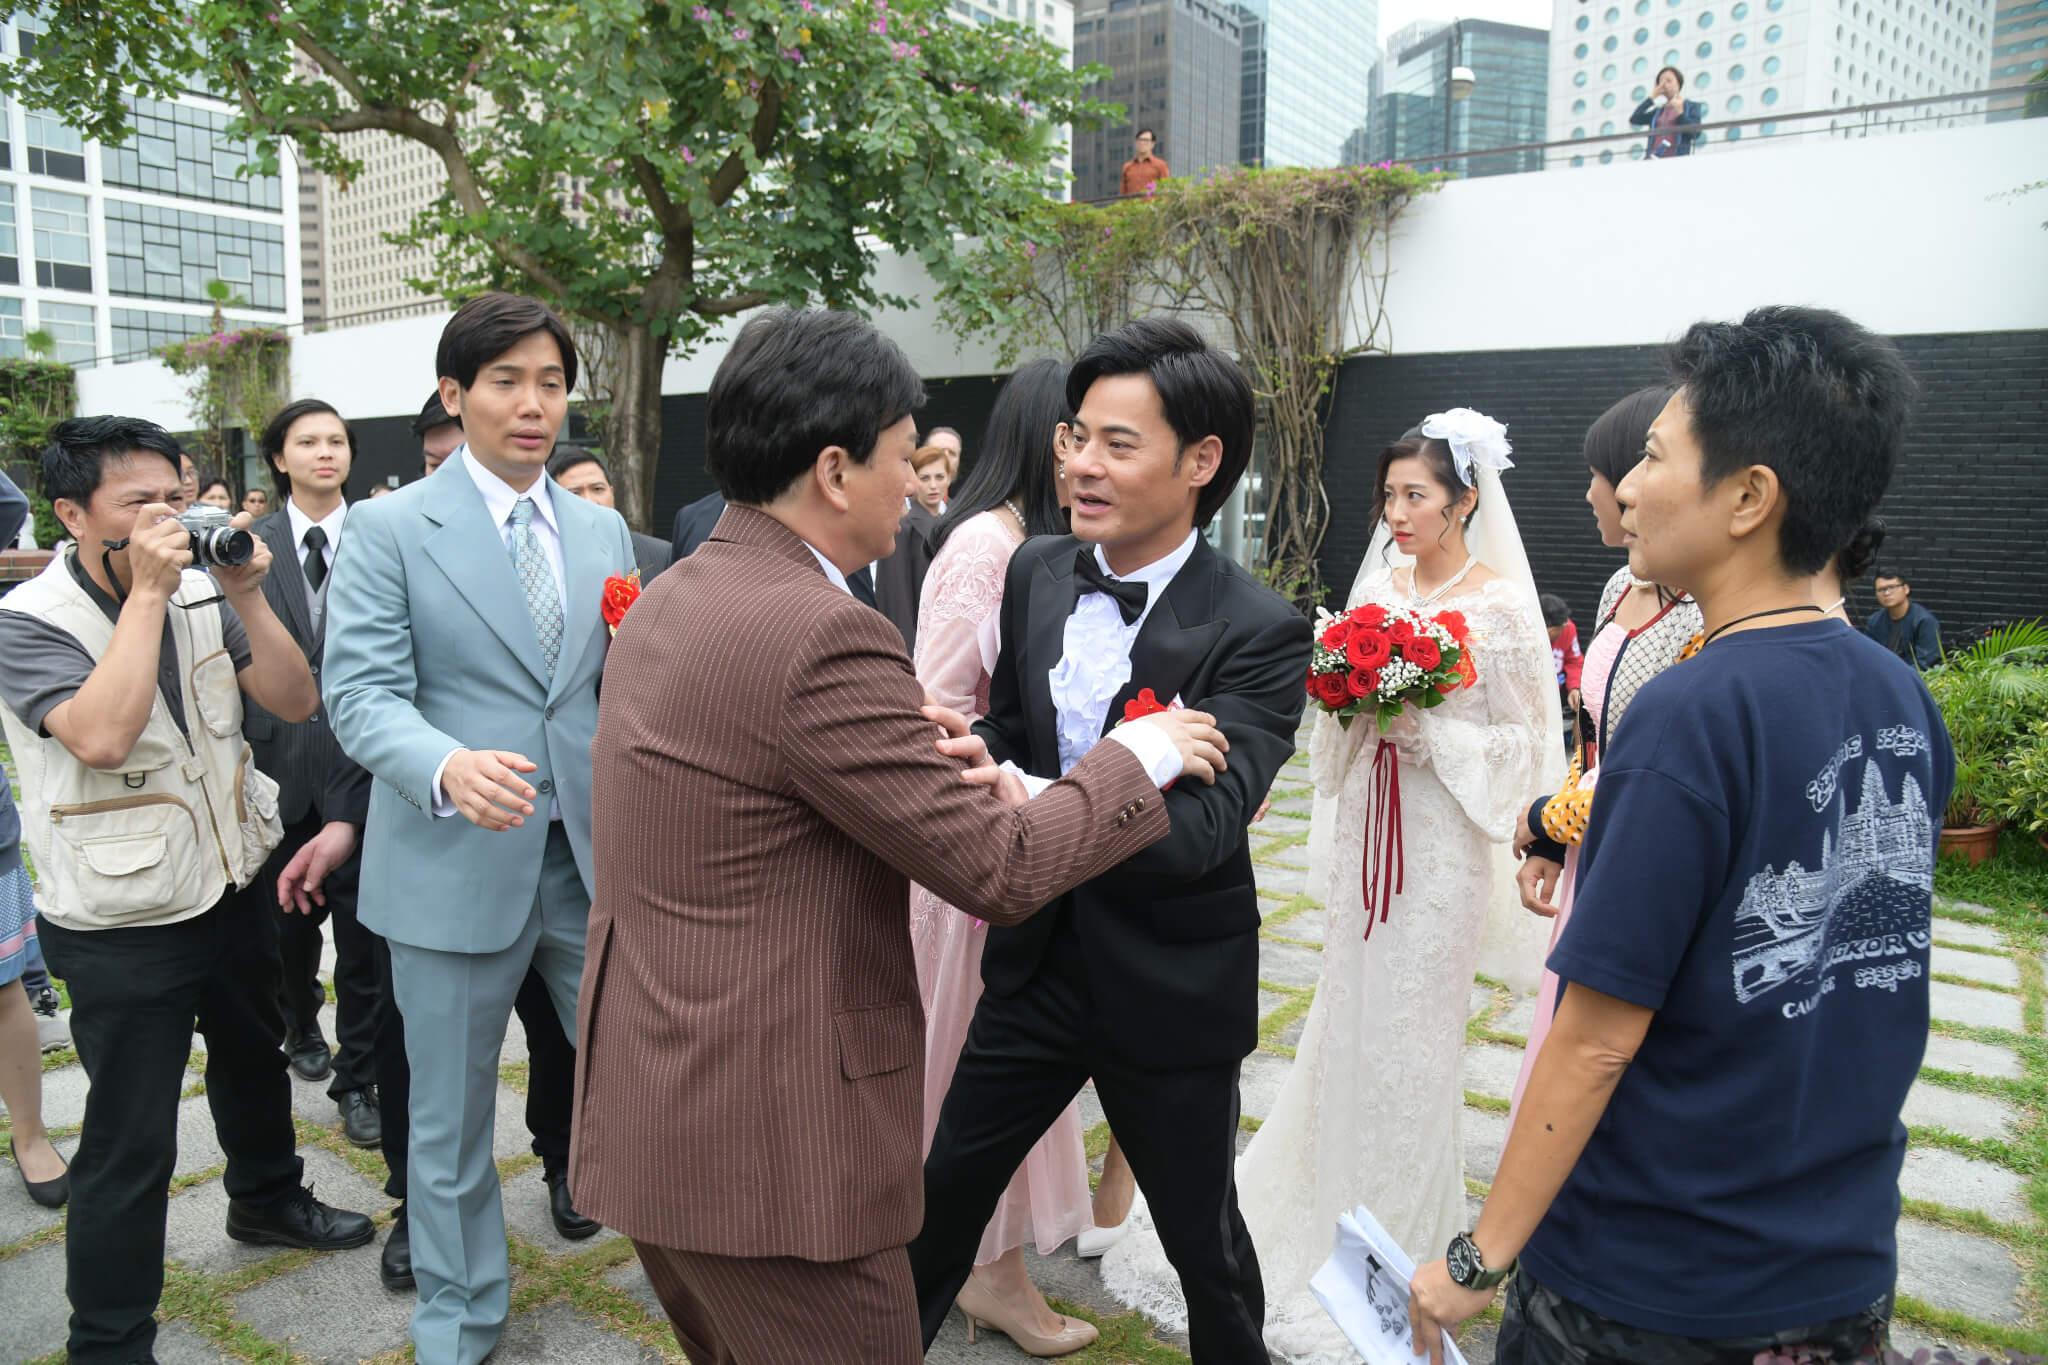 劇中陳自瑤的前度男友來騷擾,與性格暴躁的阿Ben大打出手。